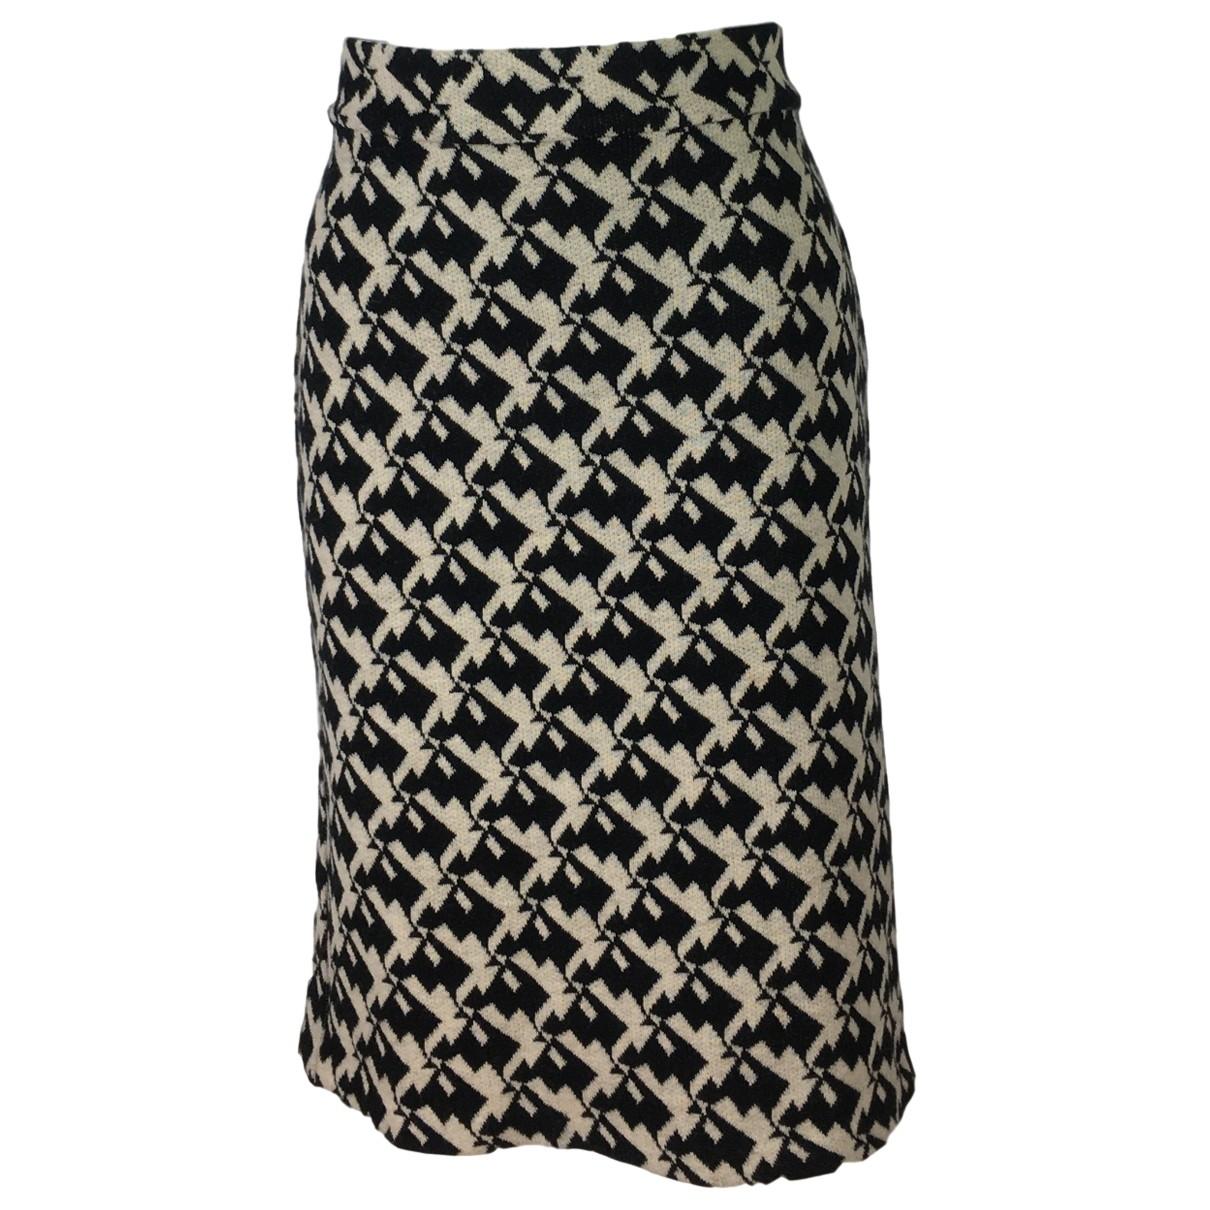 Diane Von Furstenberg \N Black skirt for Women 8 US